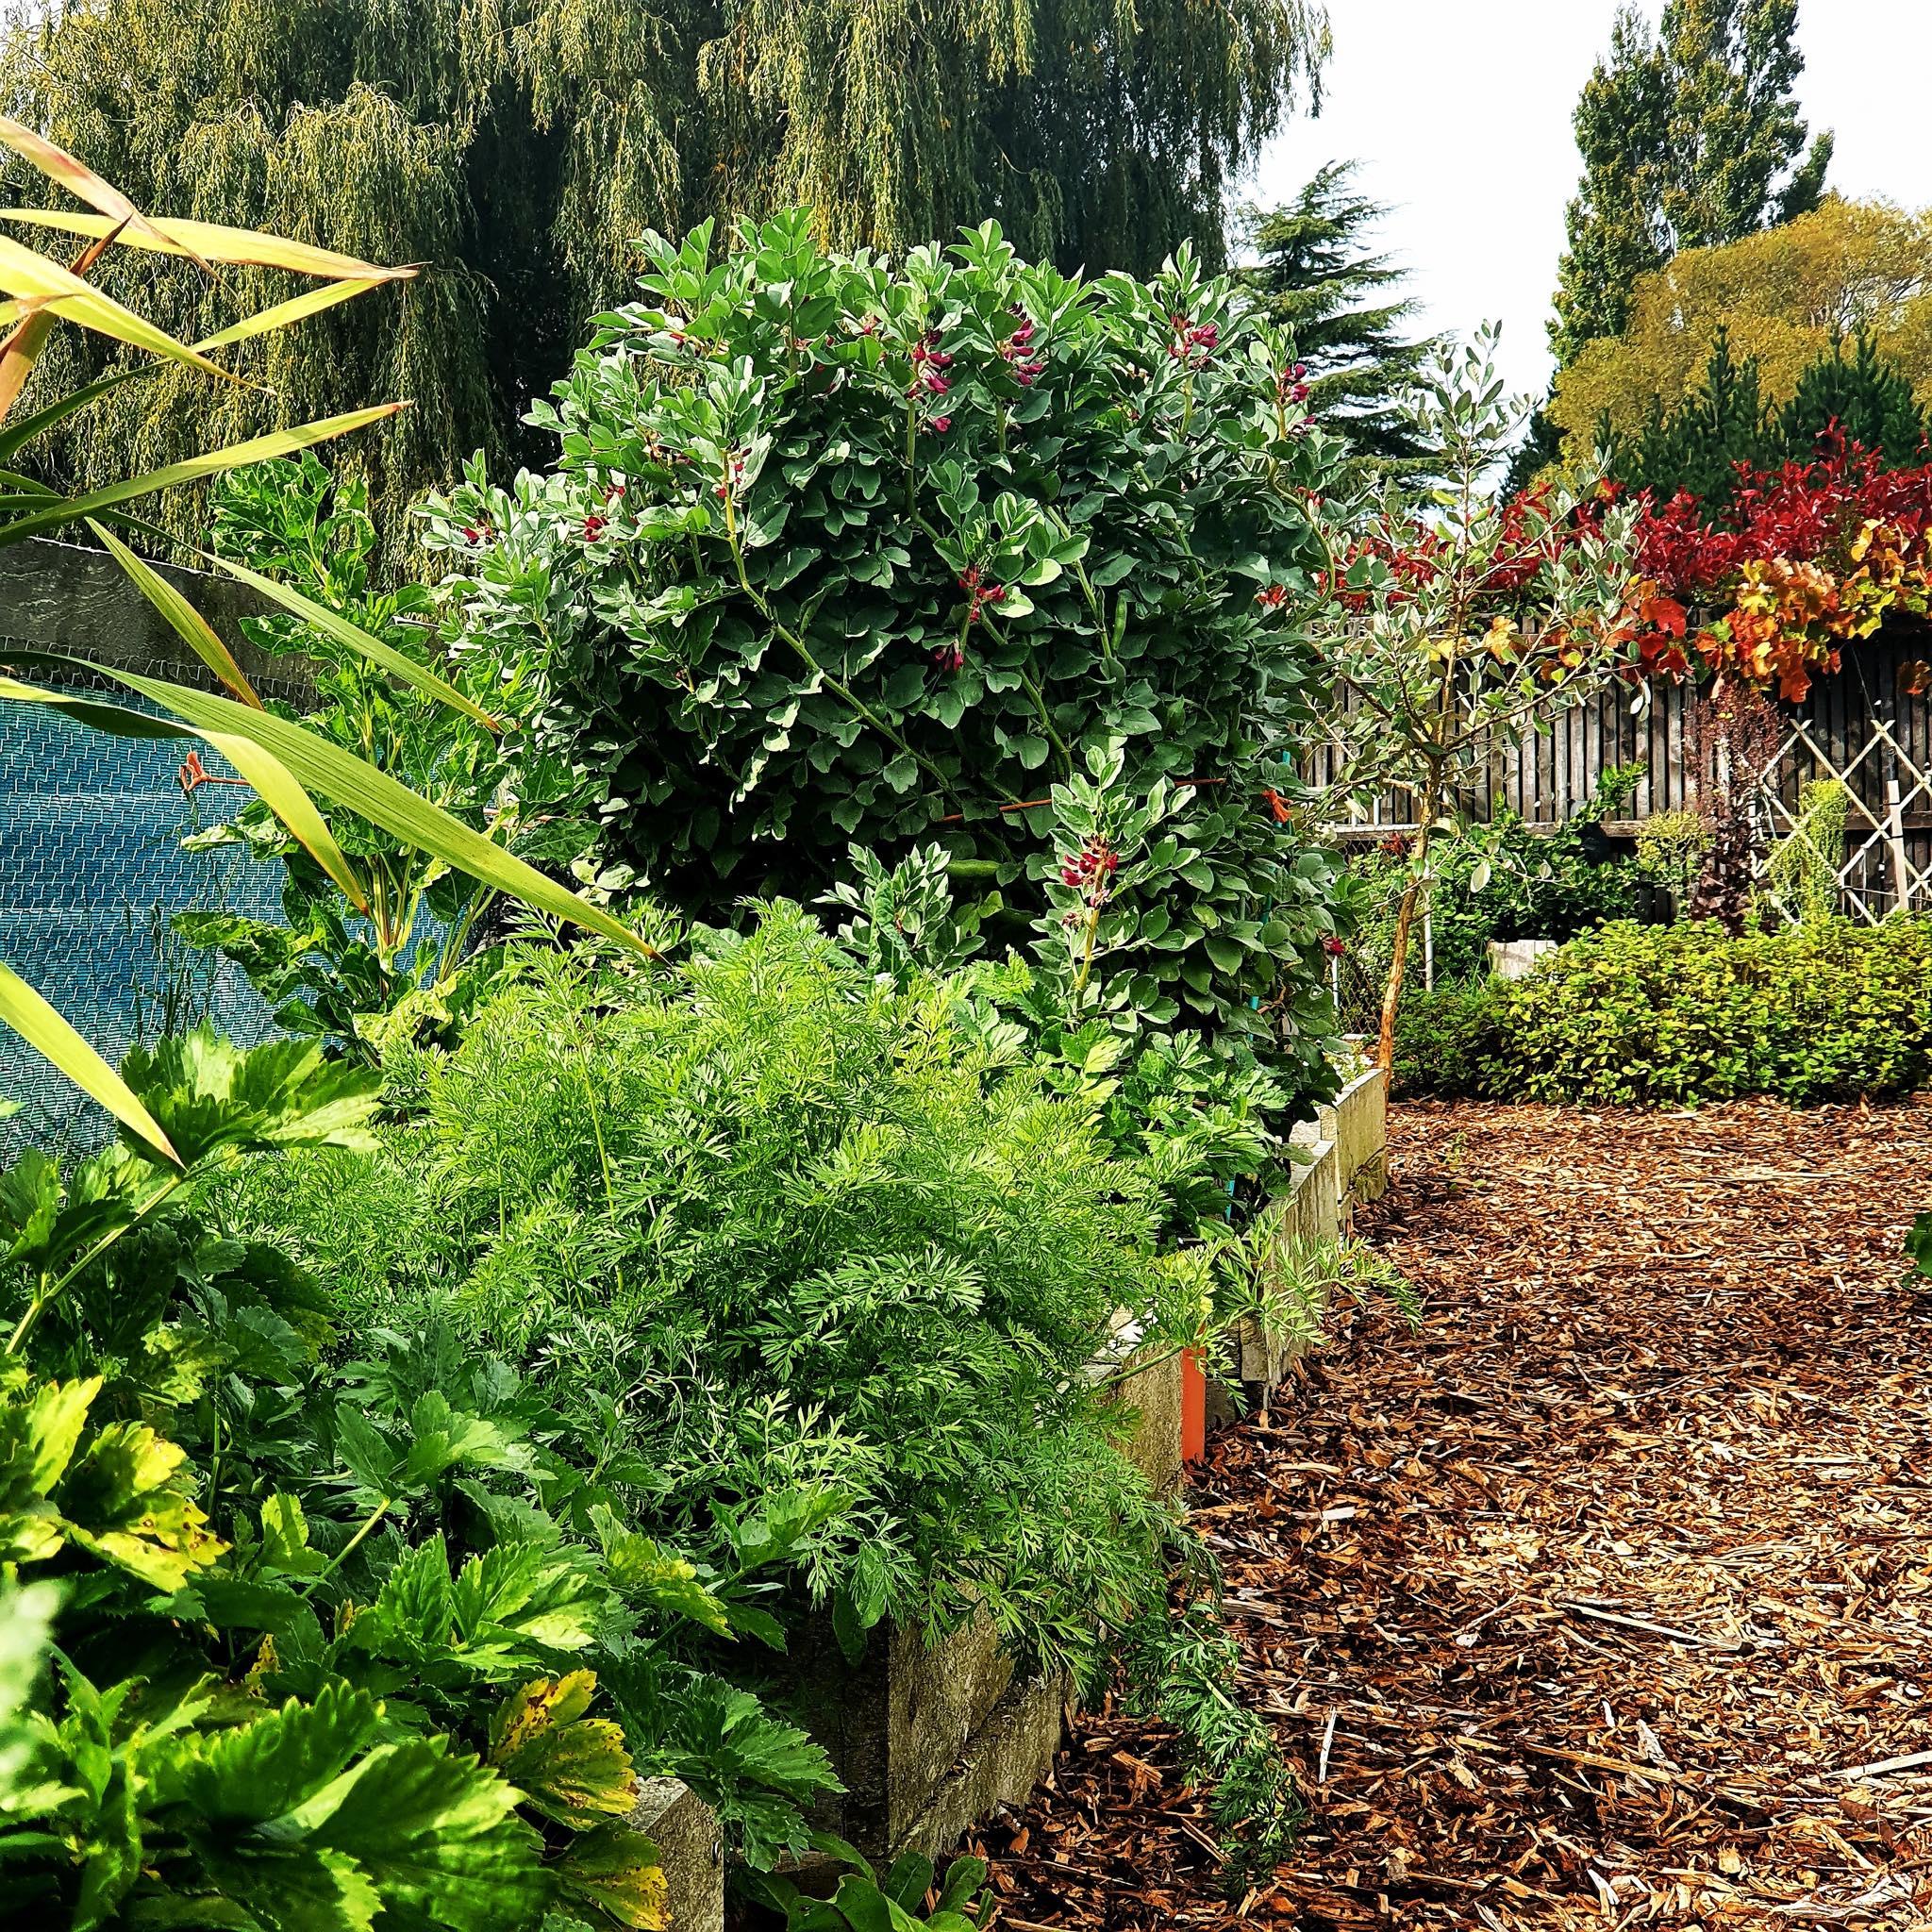 Khu vườn 225m² trồng toàn rau hữu cơ xanh tốt nhờ bí quyết dễ làm của bà mẹ trẻ đảm đang - Ảnh 8.